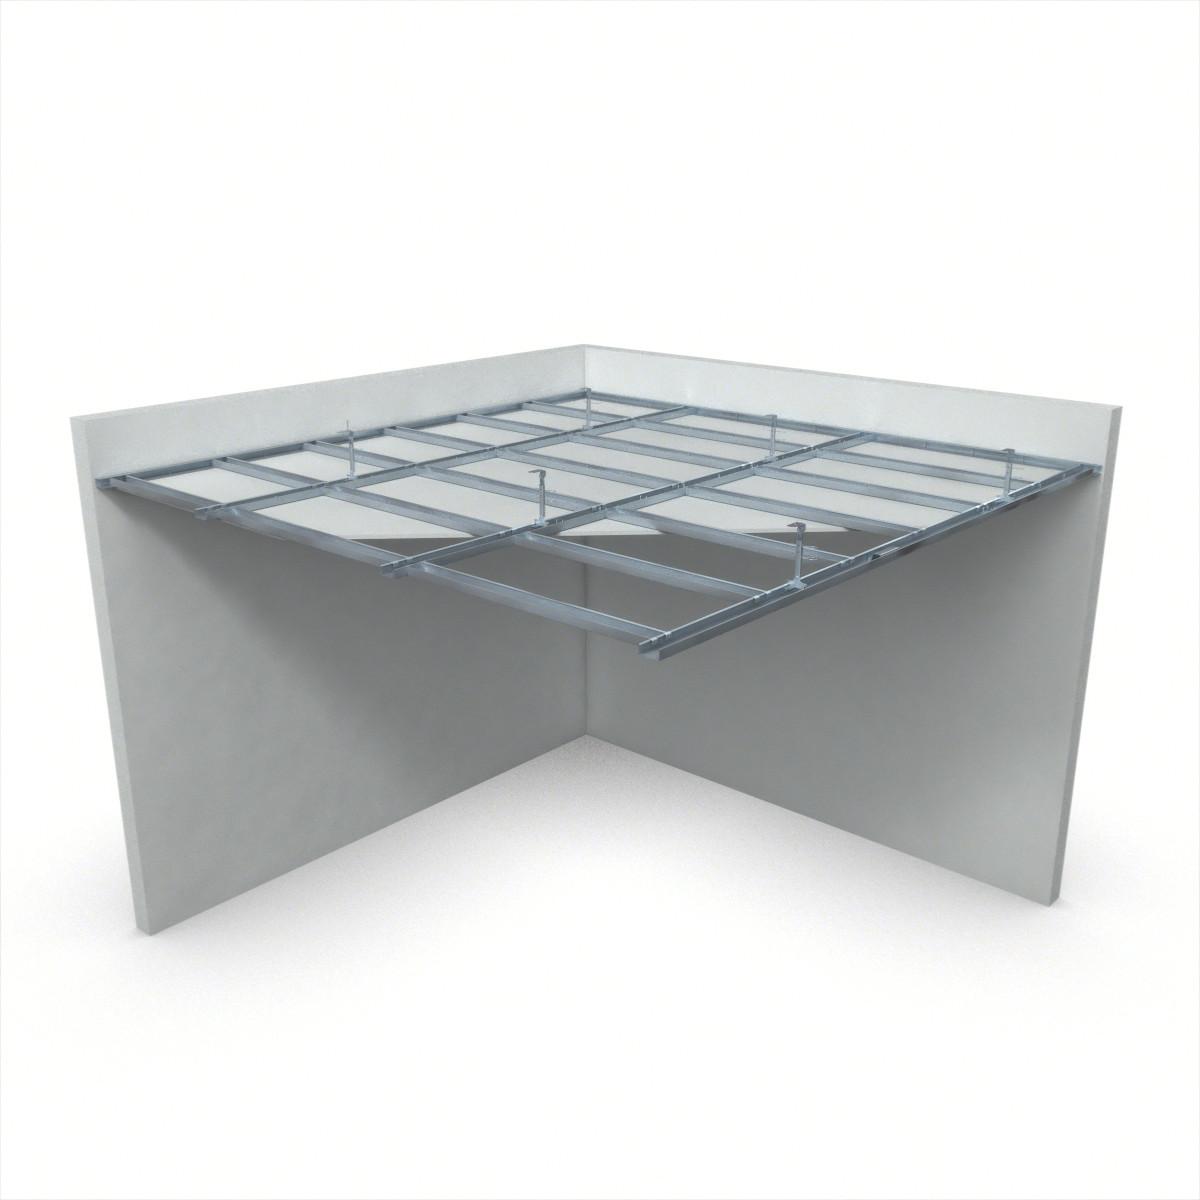 Inredning ljudisolering vägg : Undertak och innertak | Gyproc Sverige - lättbyggnadssystem med ...